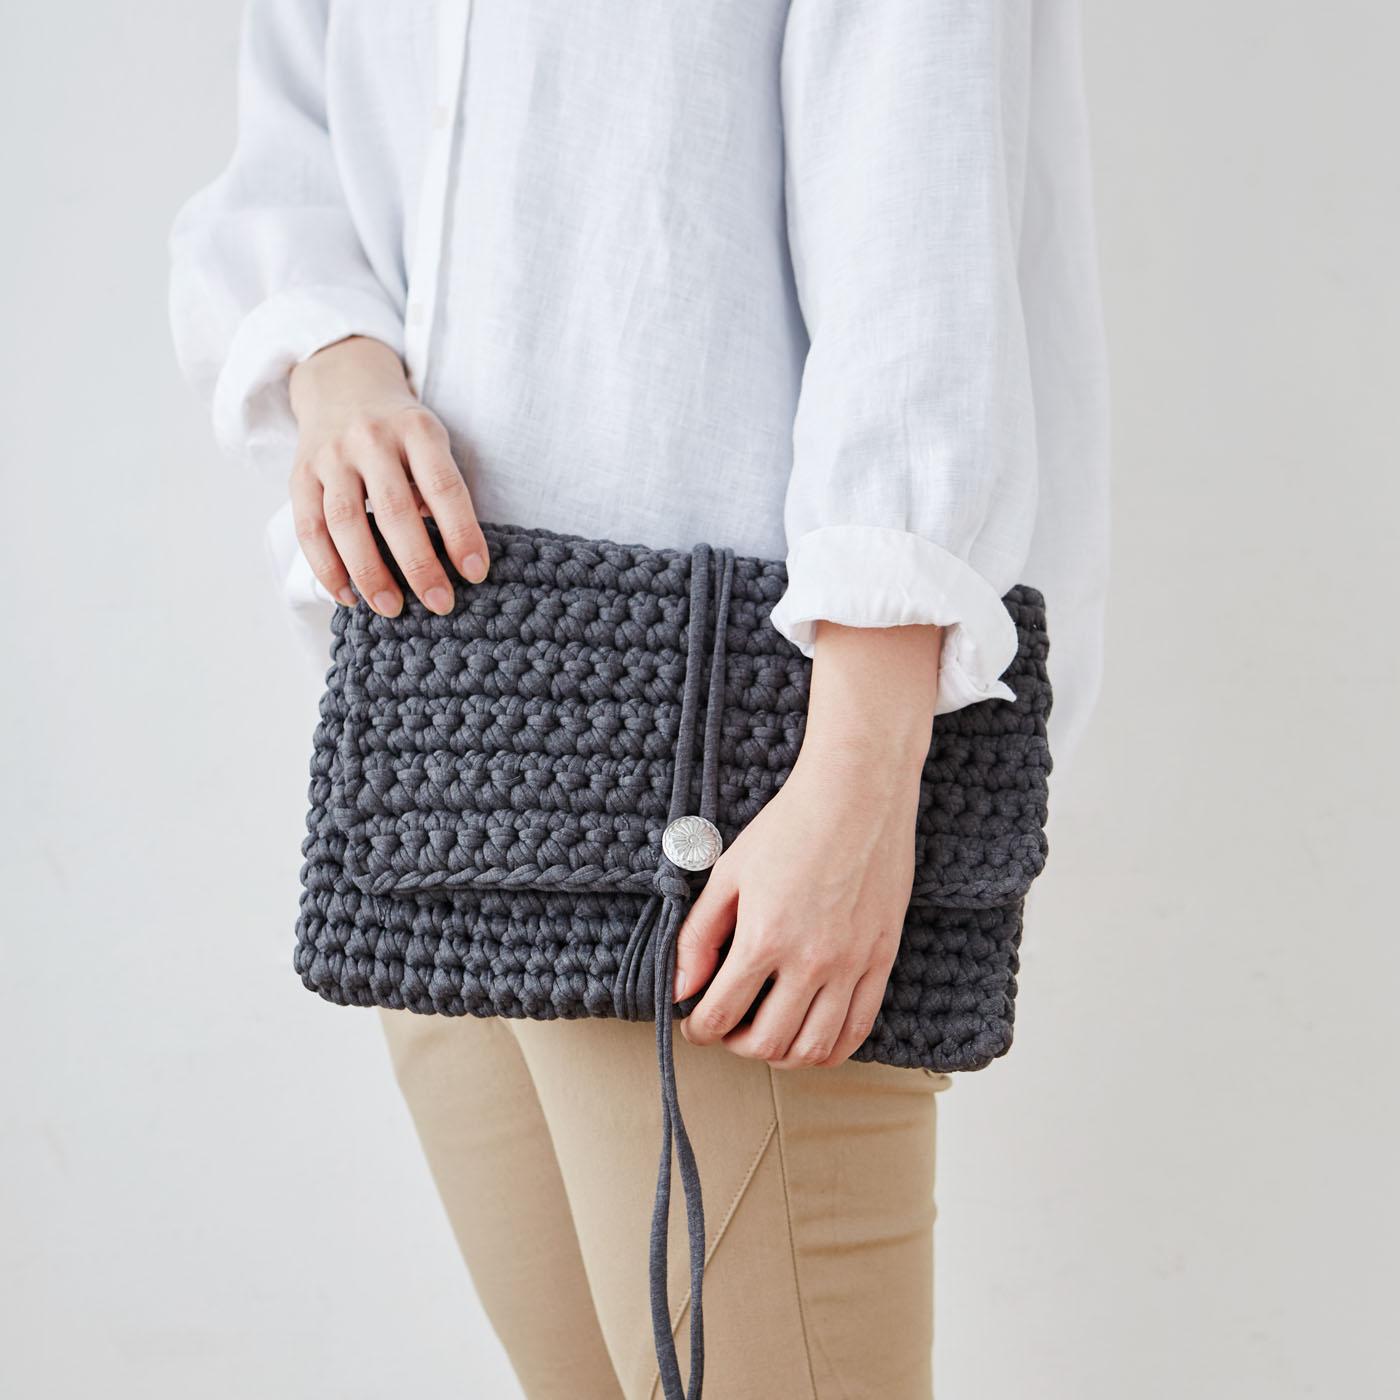 ボタンが付いたクラッチバッグタイプ。トートバッグよりもシンプルな編み方です。(写真のカラーは〈1〉DARKGREYです。)